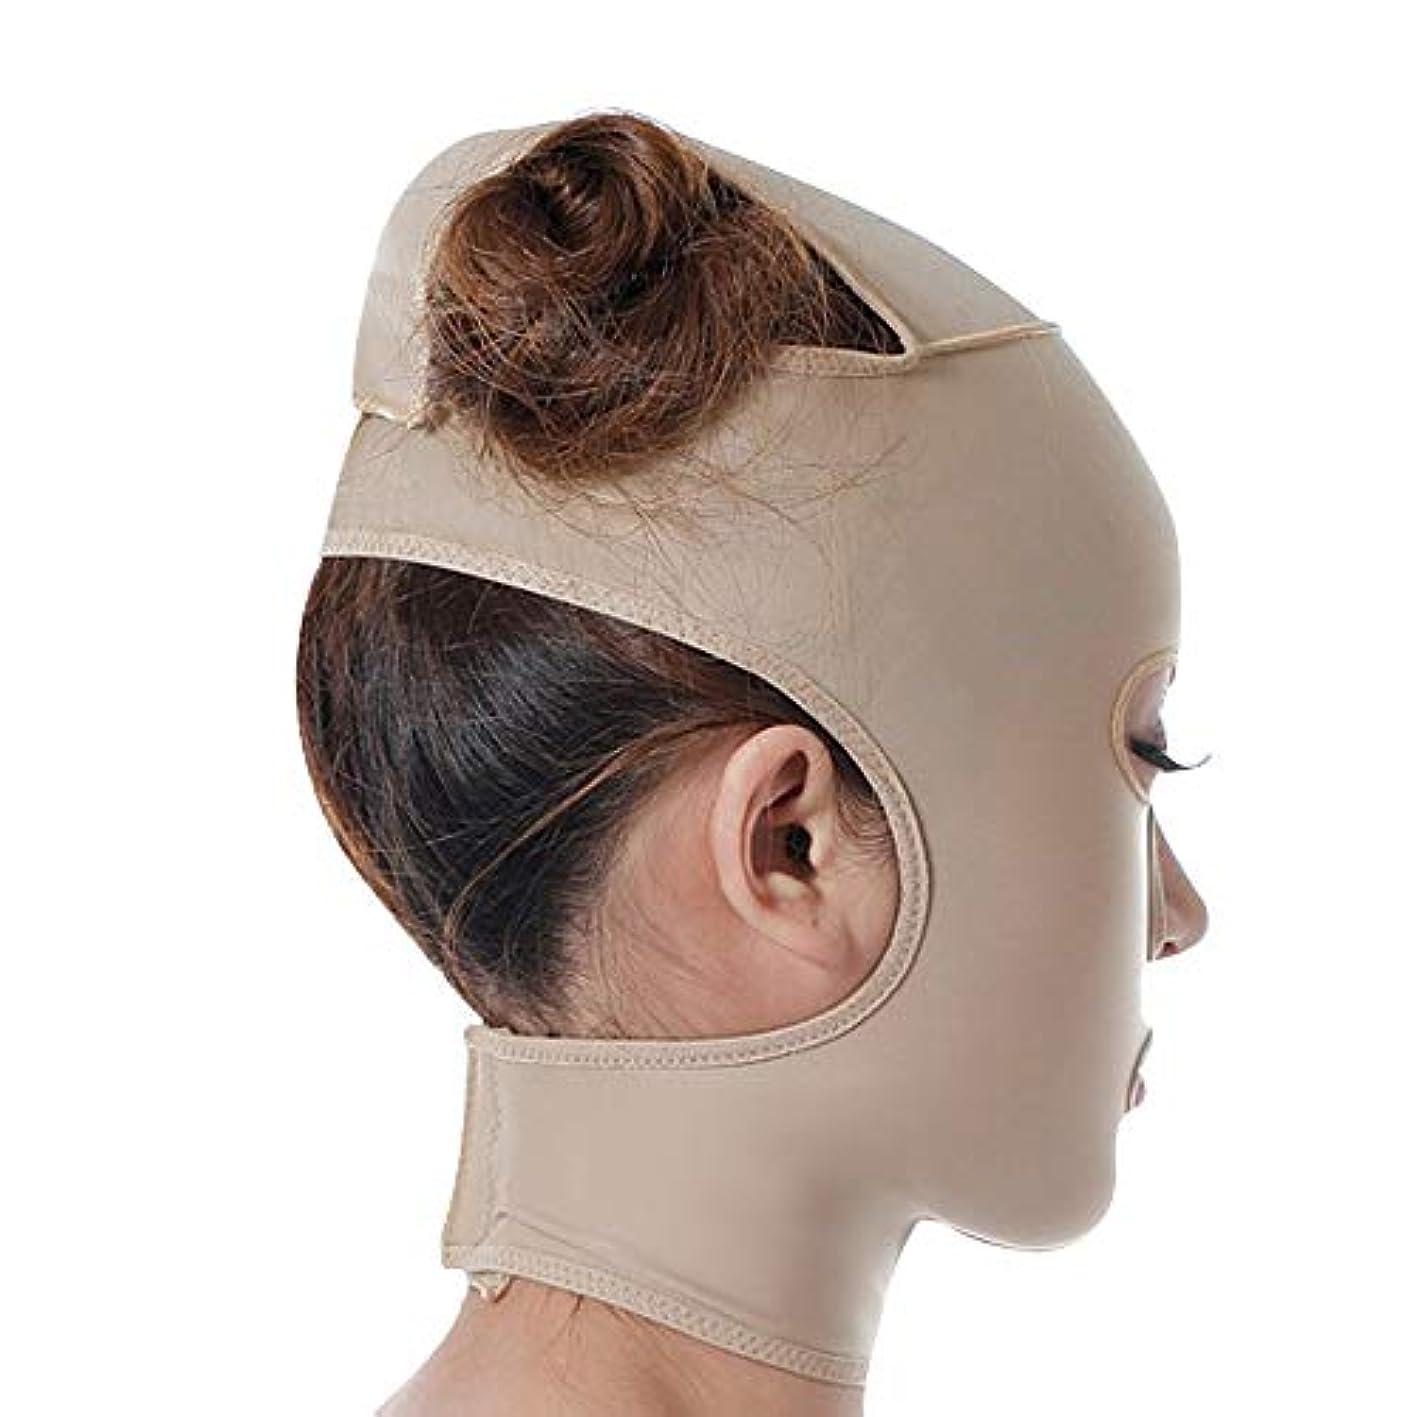 勇者オッズ実際TLMY 引き締めマスクマスク美容薬マスク美容V顔包帯ライン彫刻リフティング引き締め二重あごマスク 顔用整形マスク (Size : M)